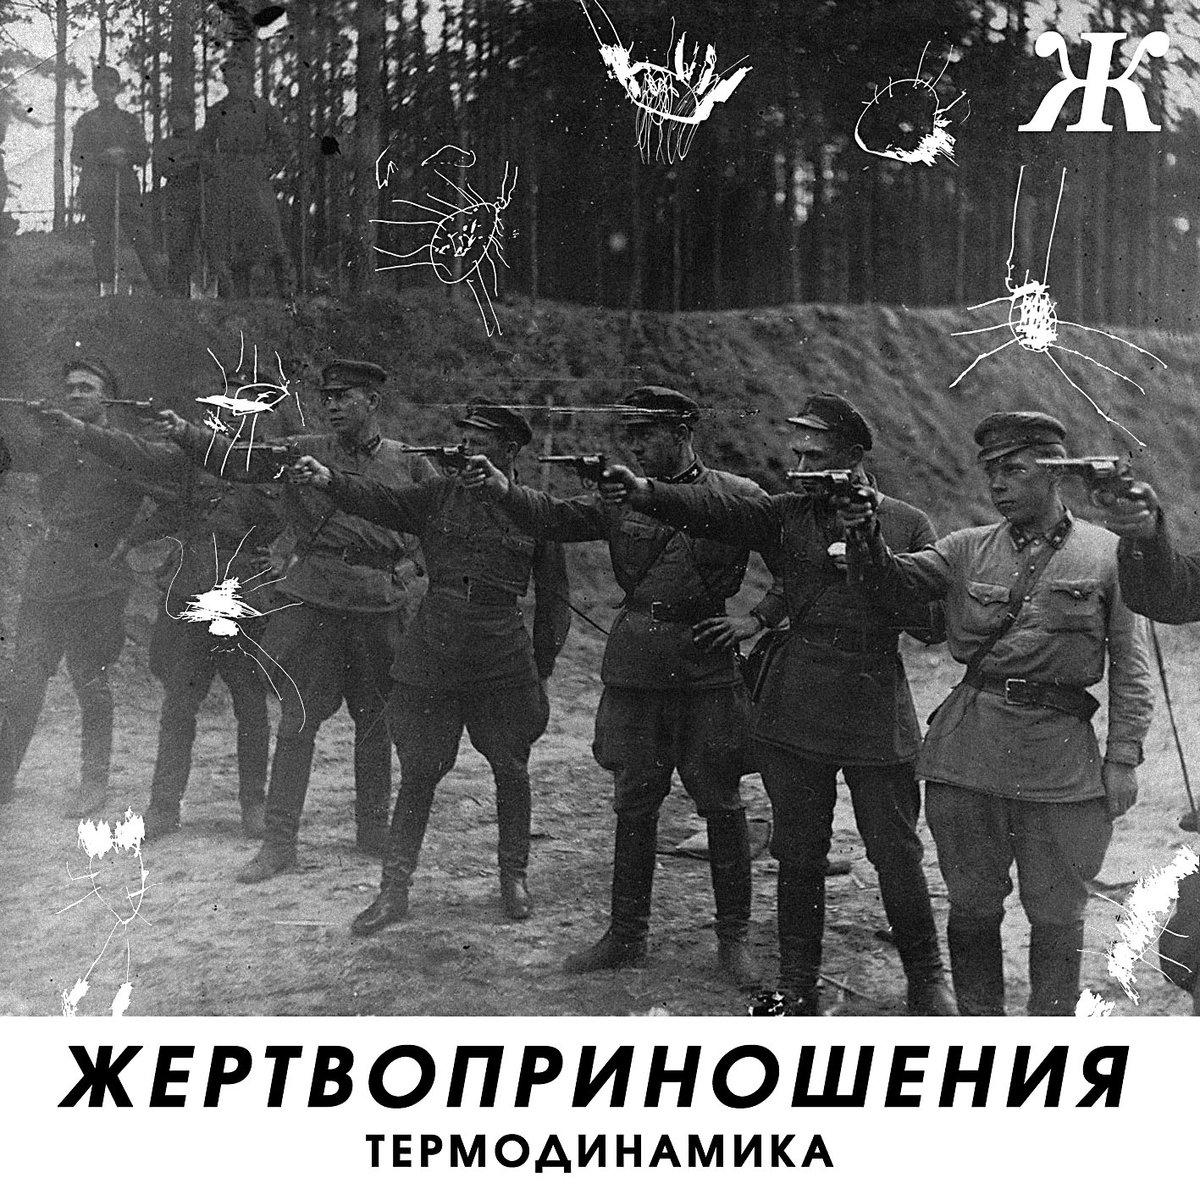 Zhertvoprinosheniya - live pt2